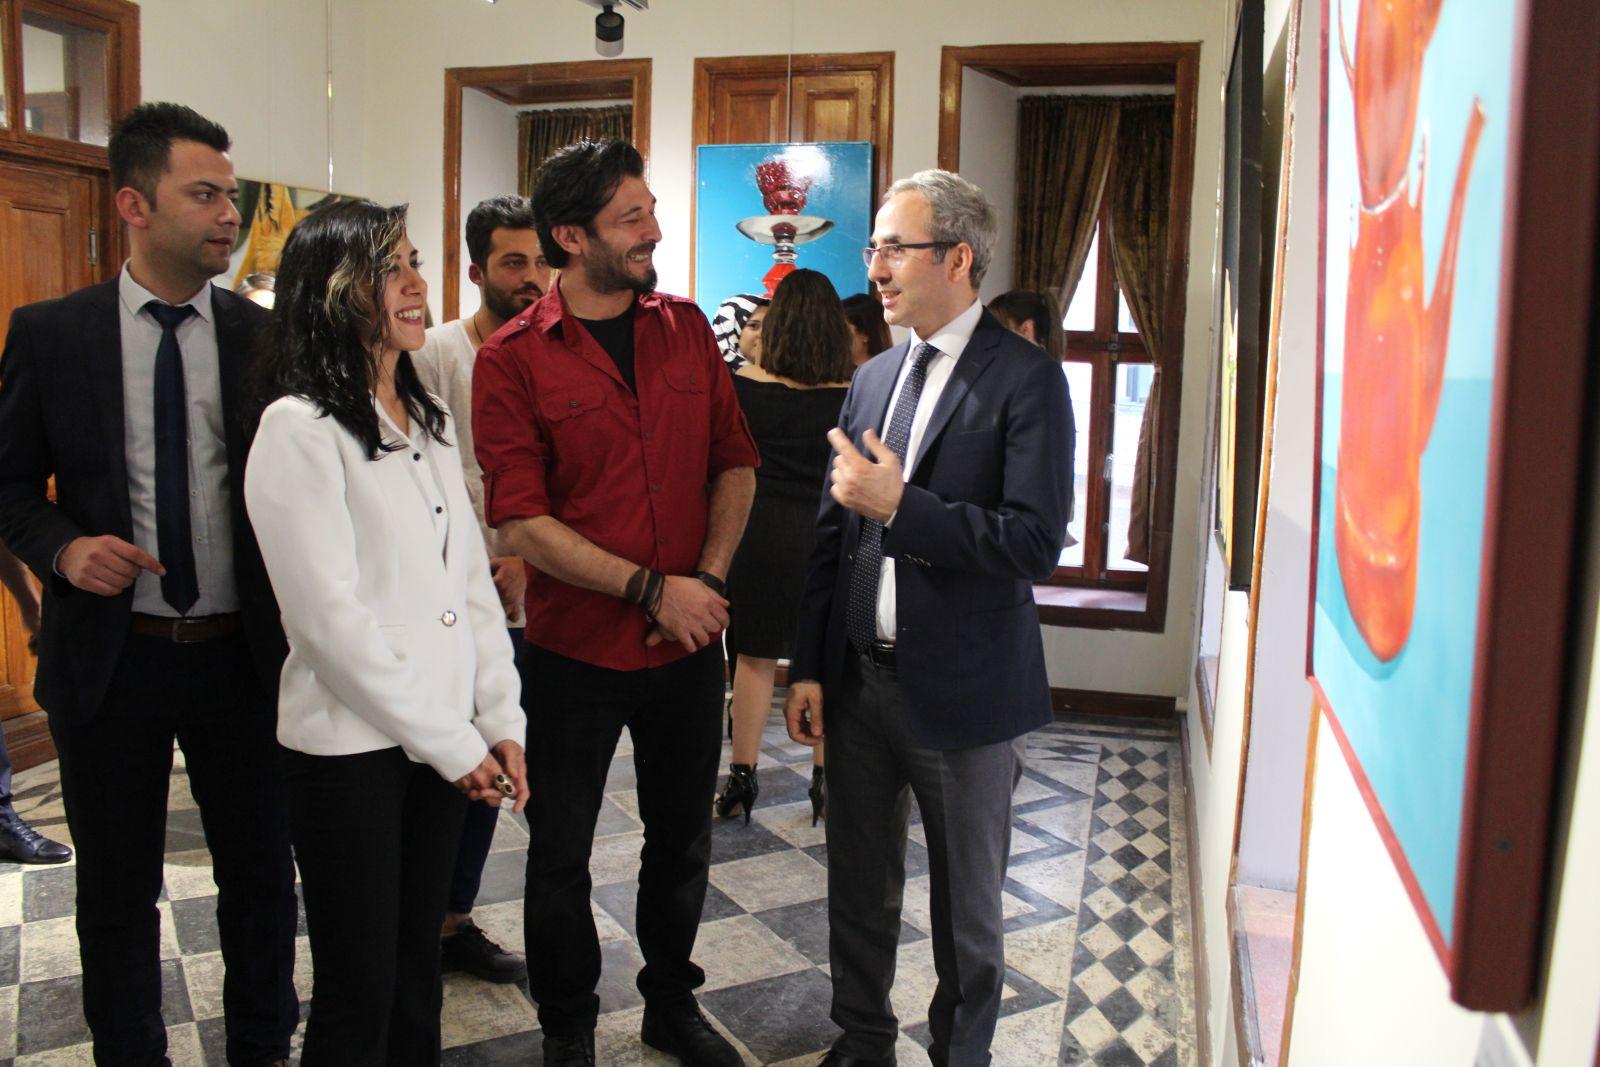 Şehmus Demir Elif Şenel Mehmet Aksoy